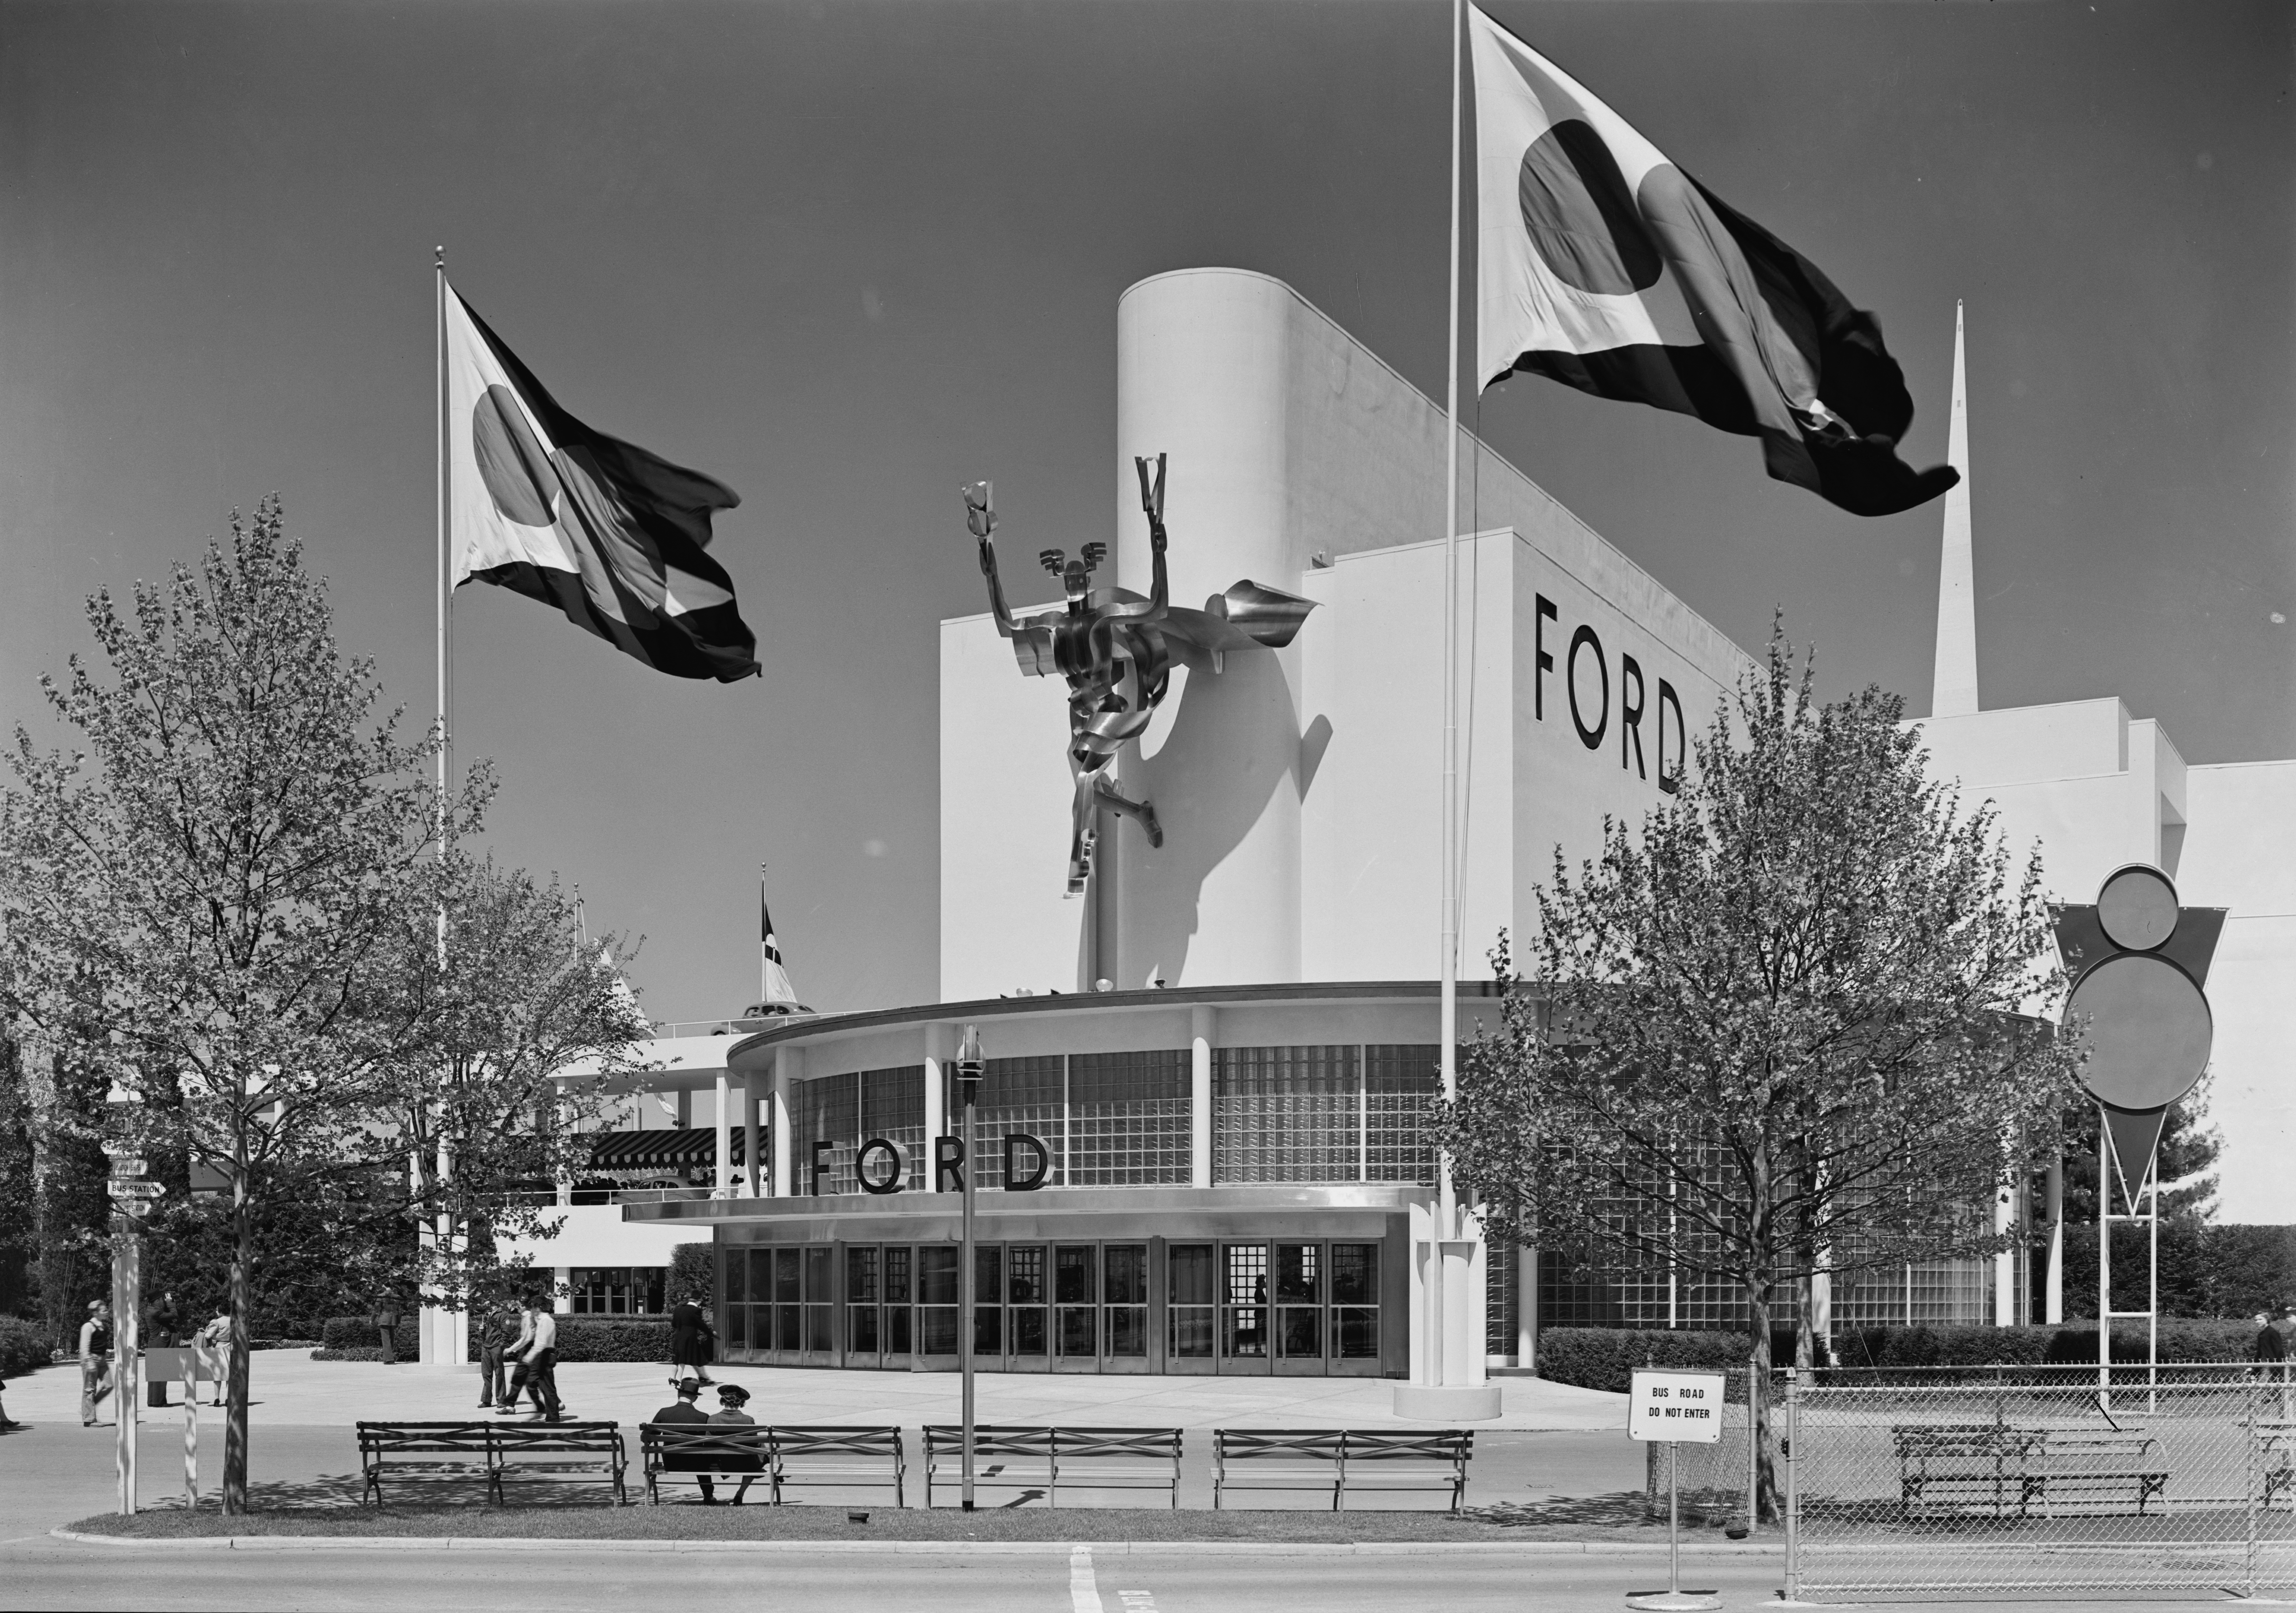 World's Fair of 1939/1940